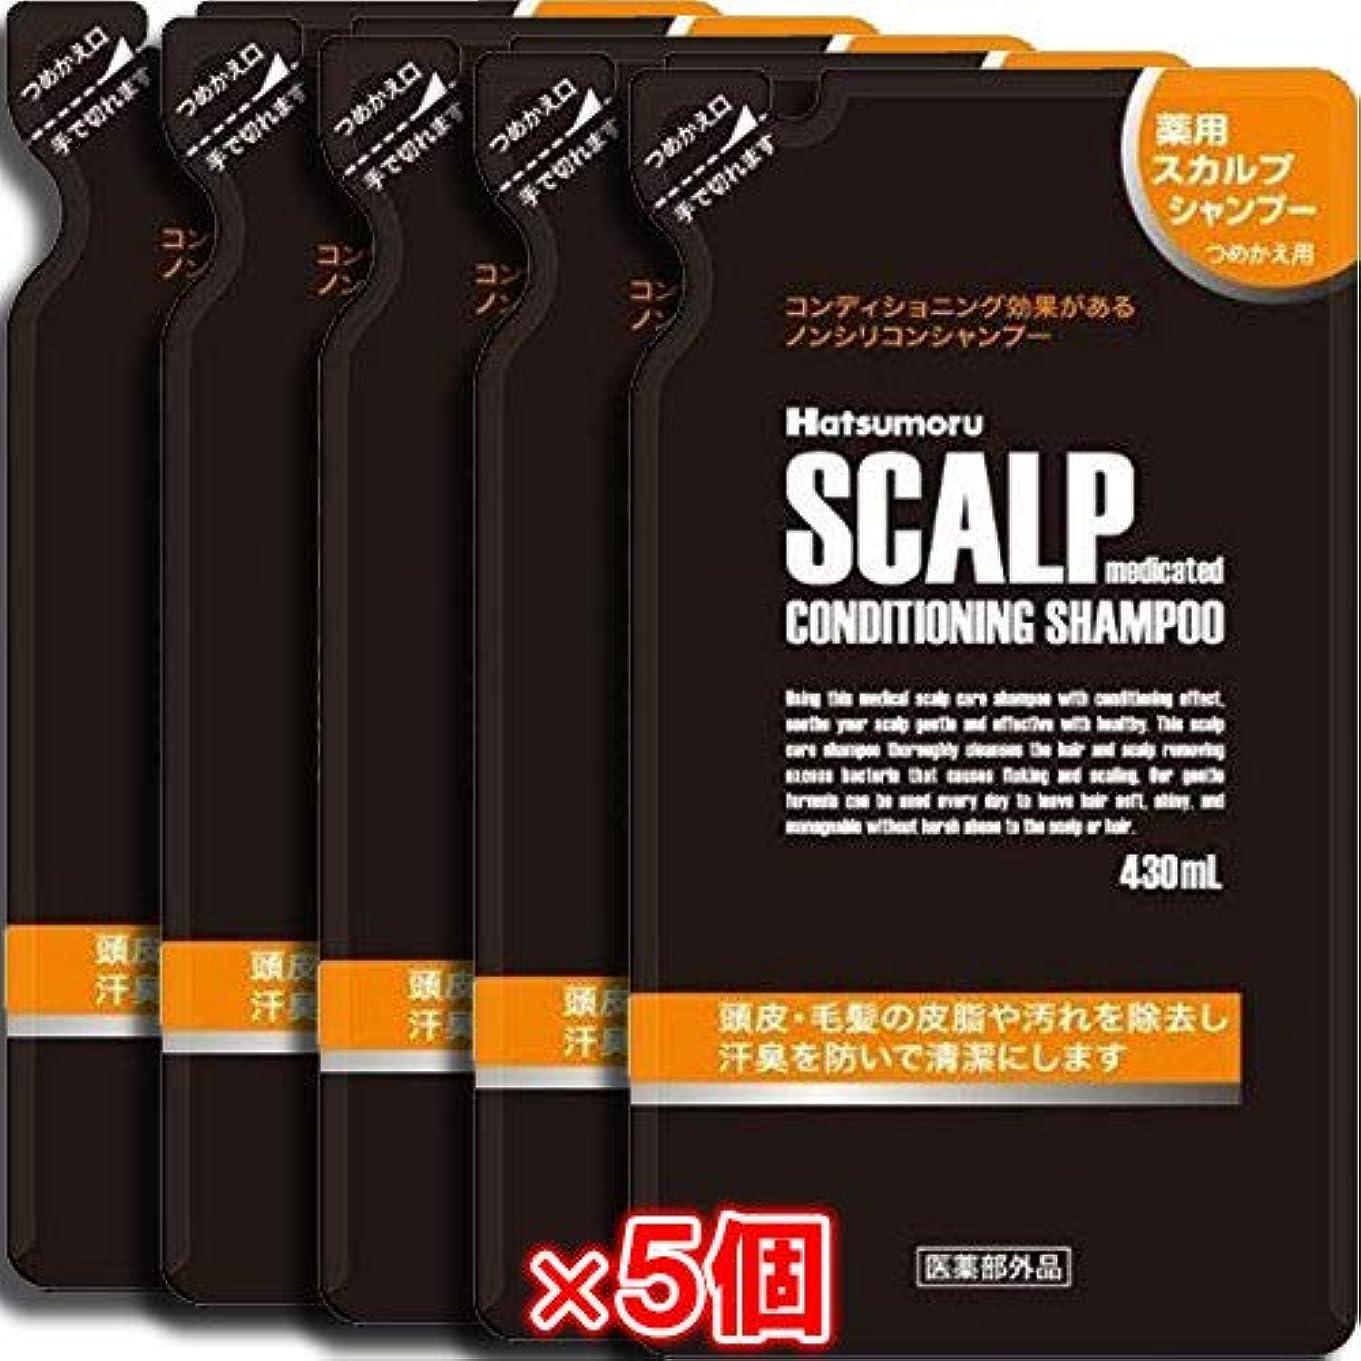 アミューズメント順応性ぜいたく【5個セット】ハツモール 薬用スカルプシャンプー 詰替用 430mL